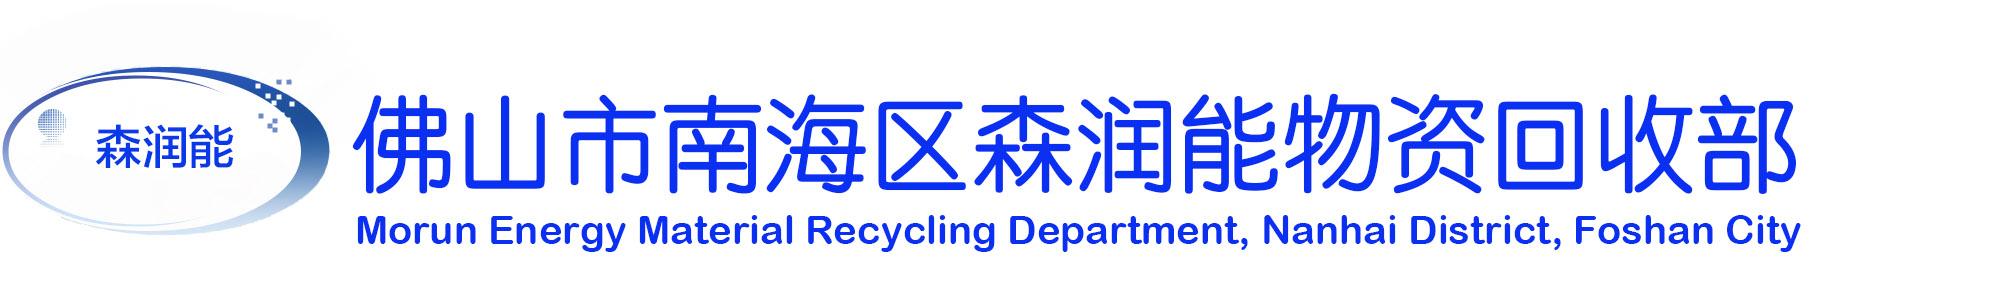 佛山市南海區森潤能物資回收部